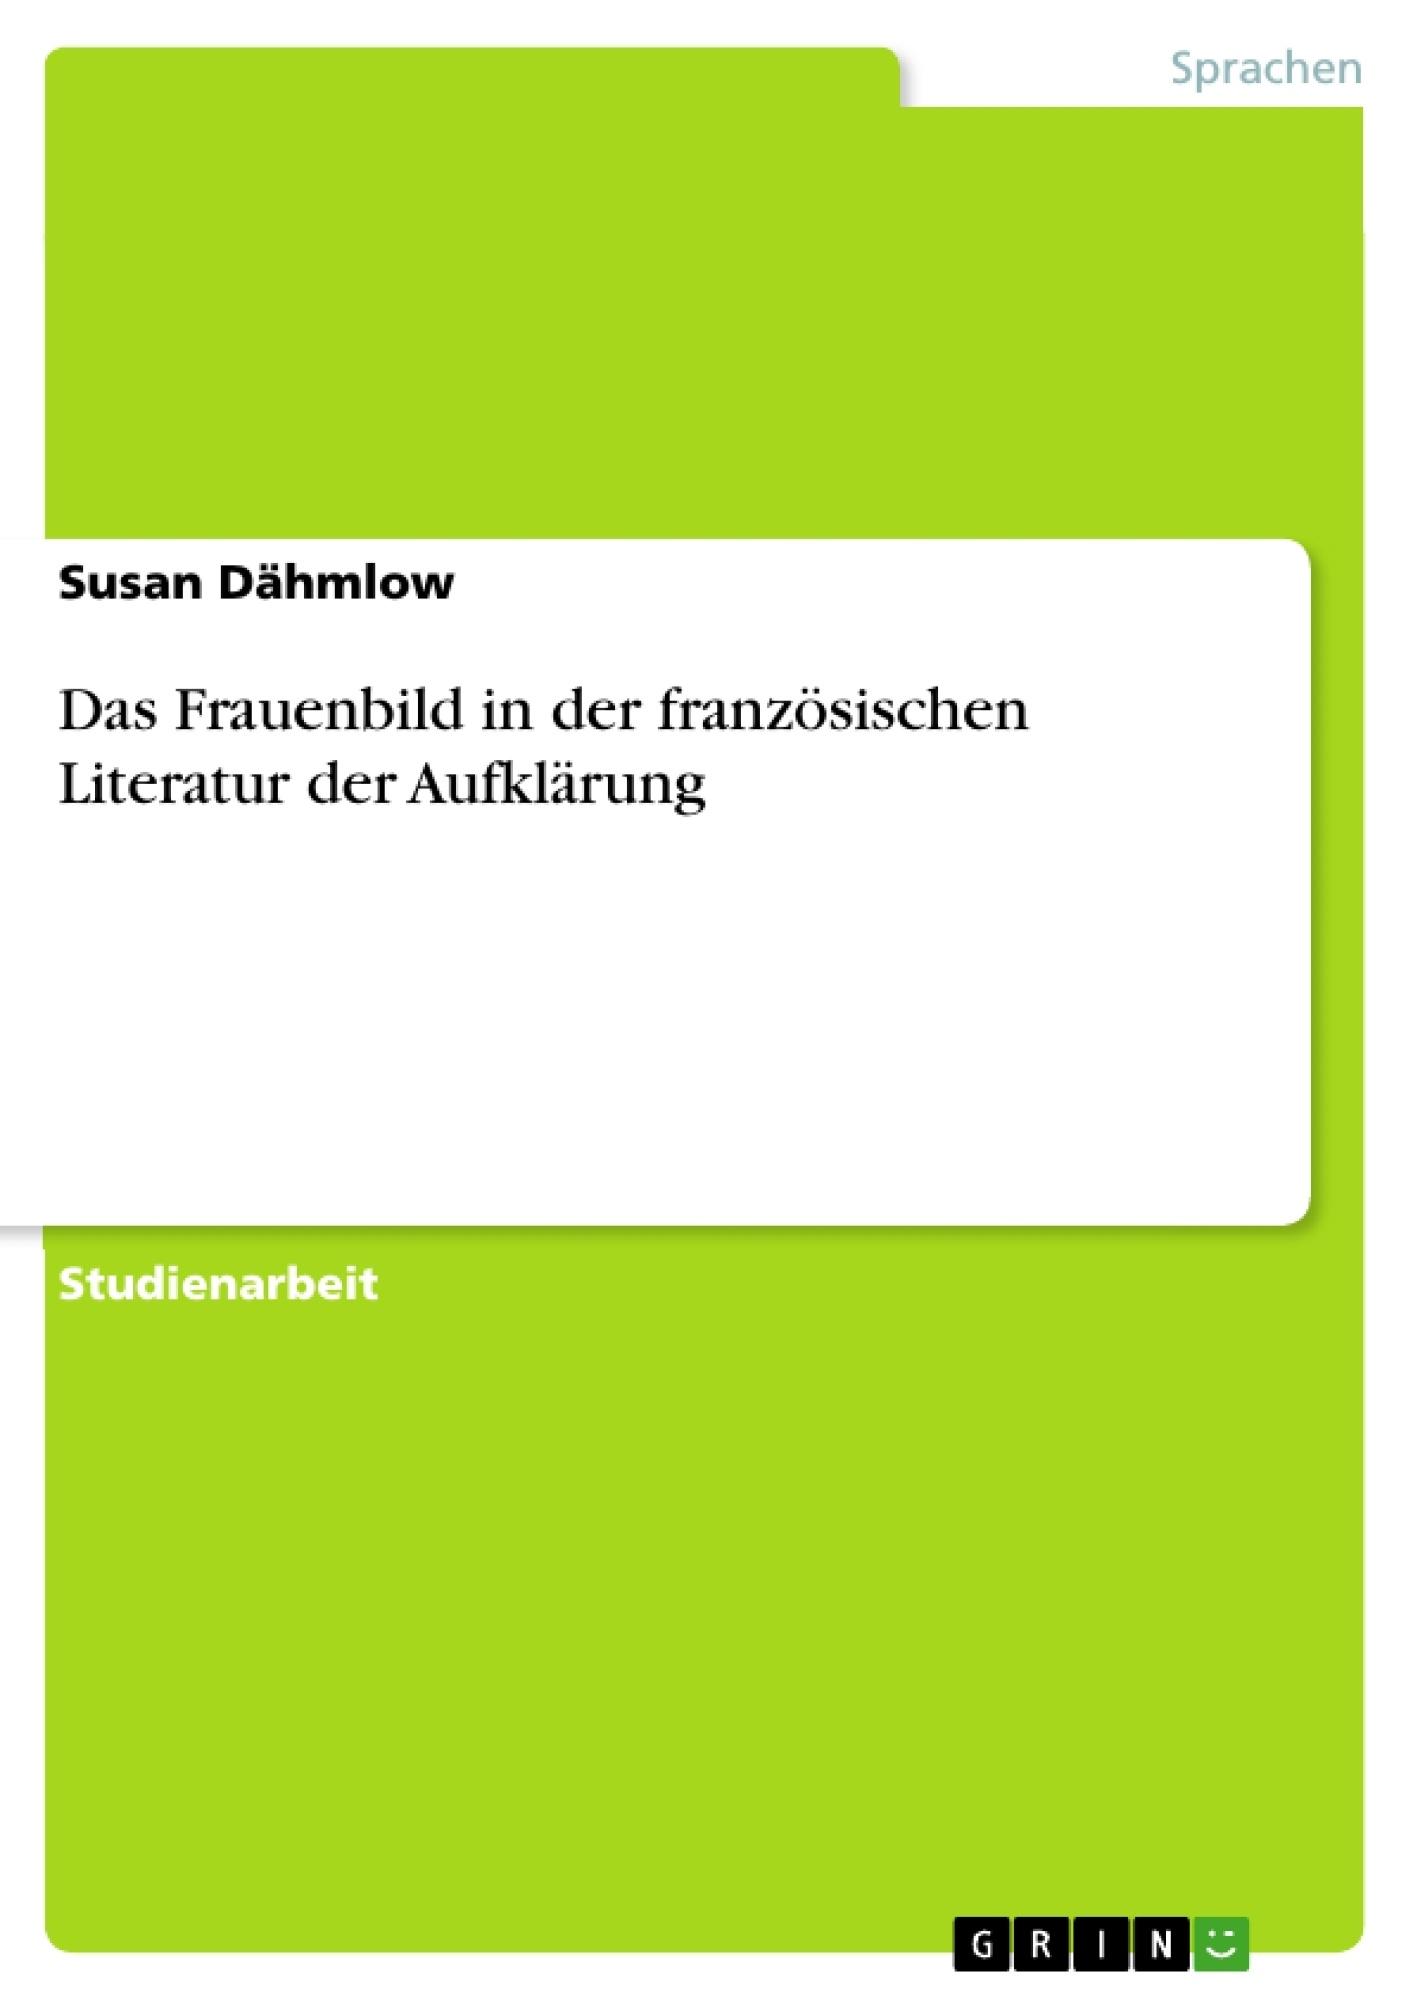 Titel: Das Frauenbild in der französischen Literatur der Aufklärung